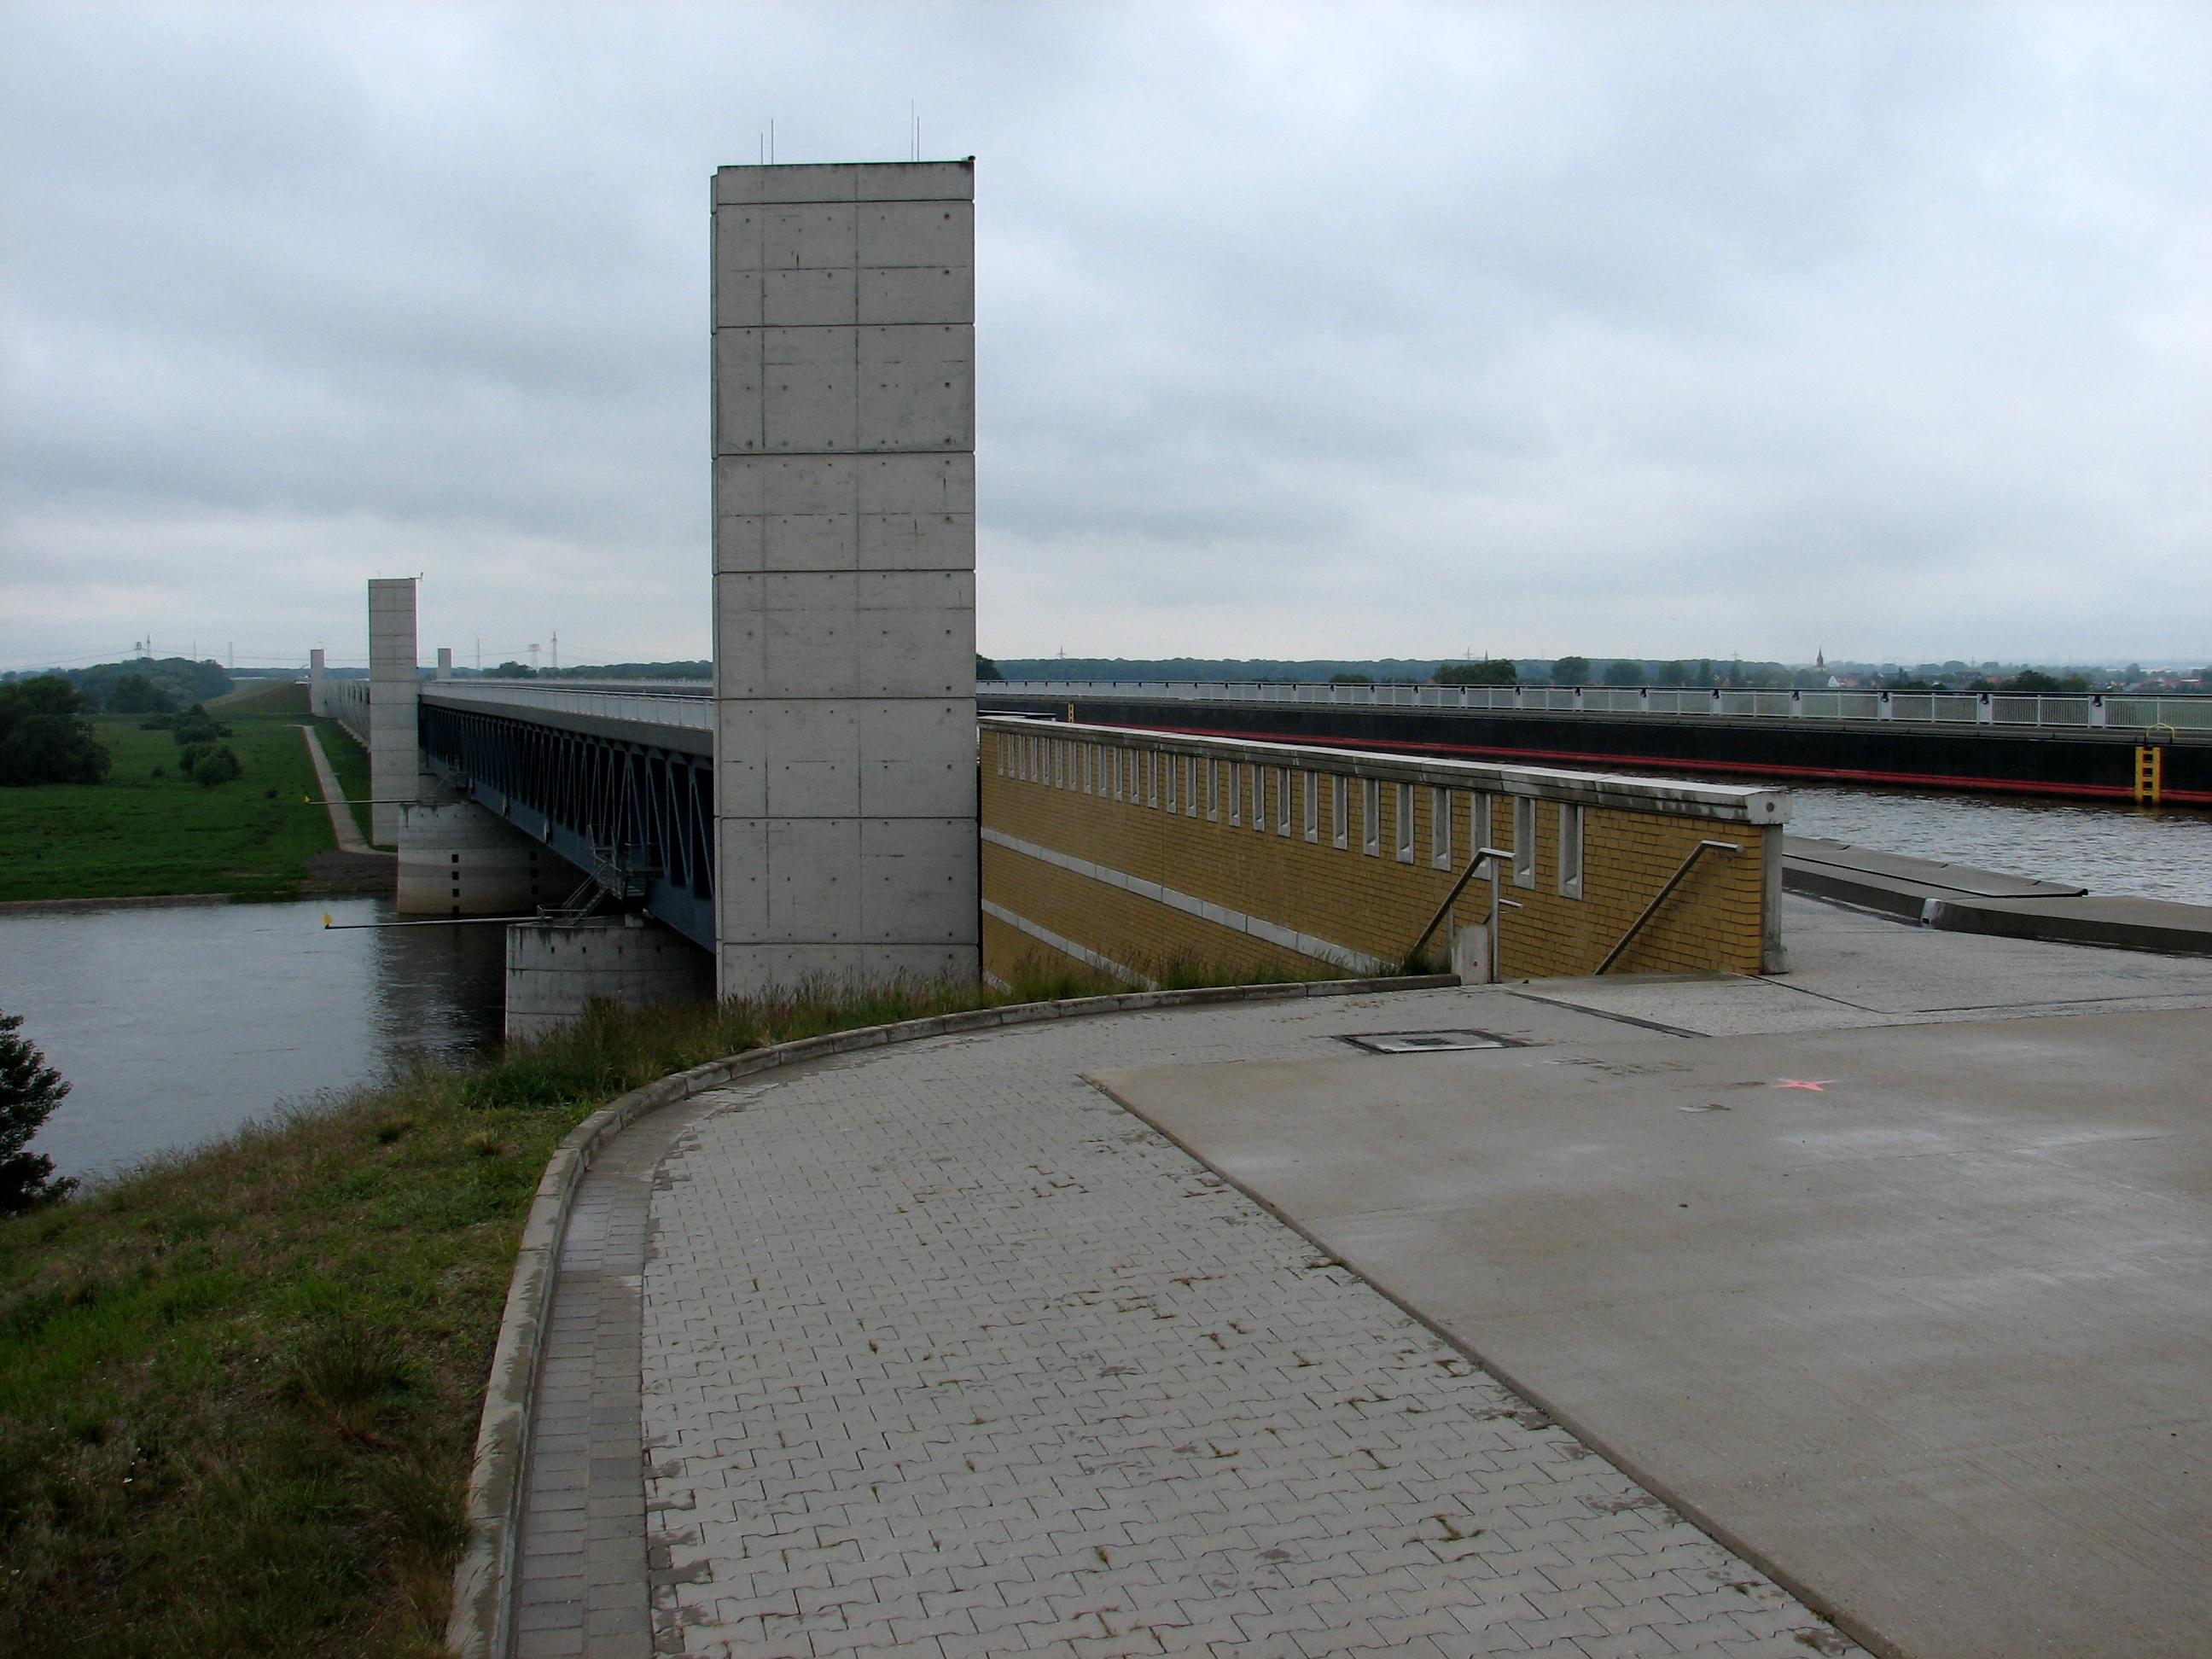 Wasserstraßenkreuz Magdeburg oben und unten - Quelle: WikiCommons